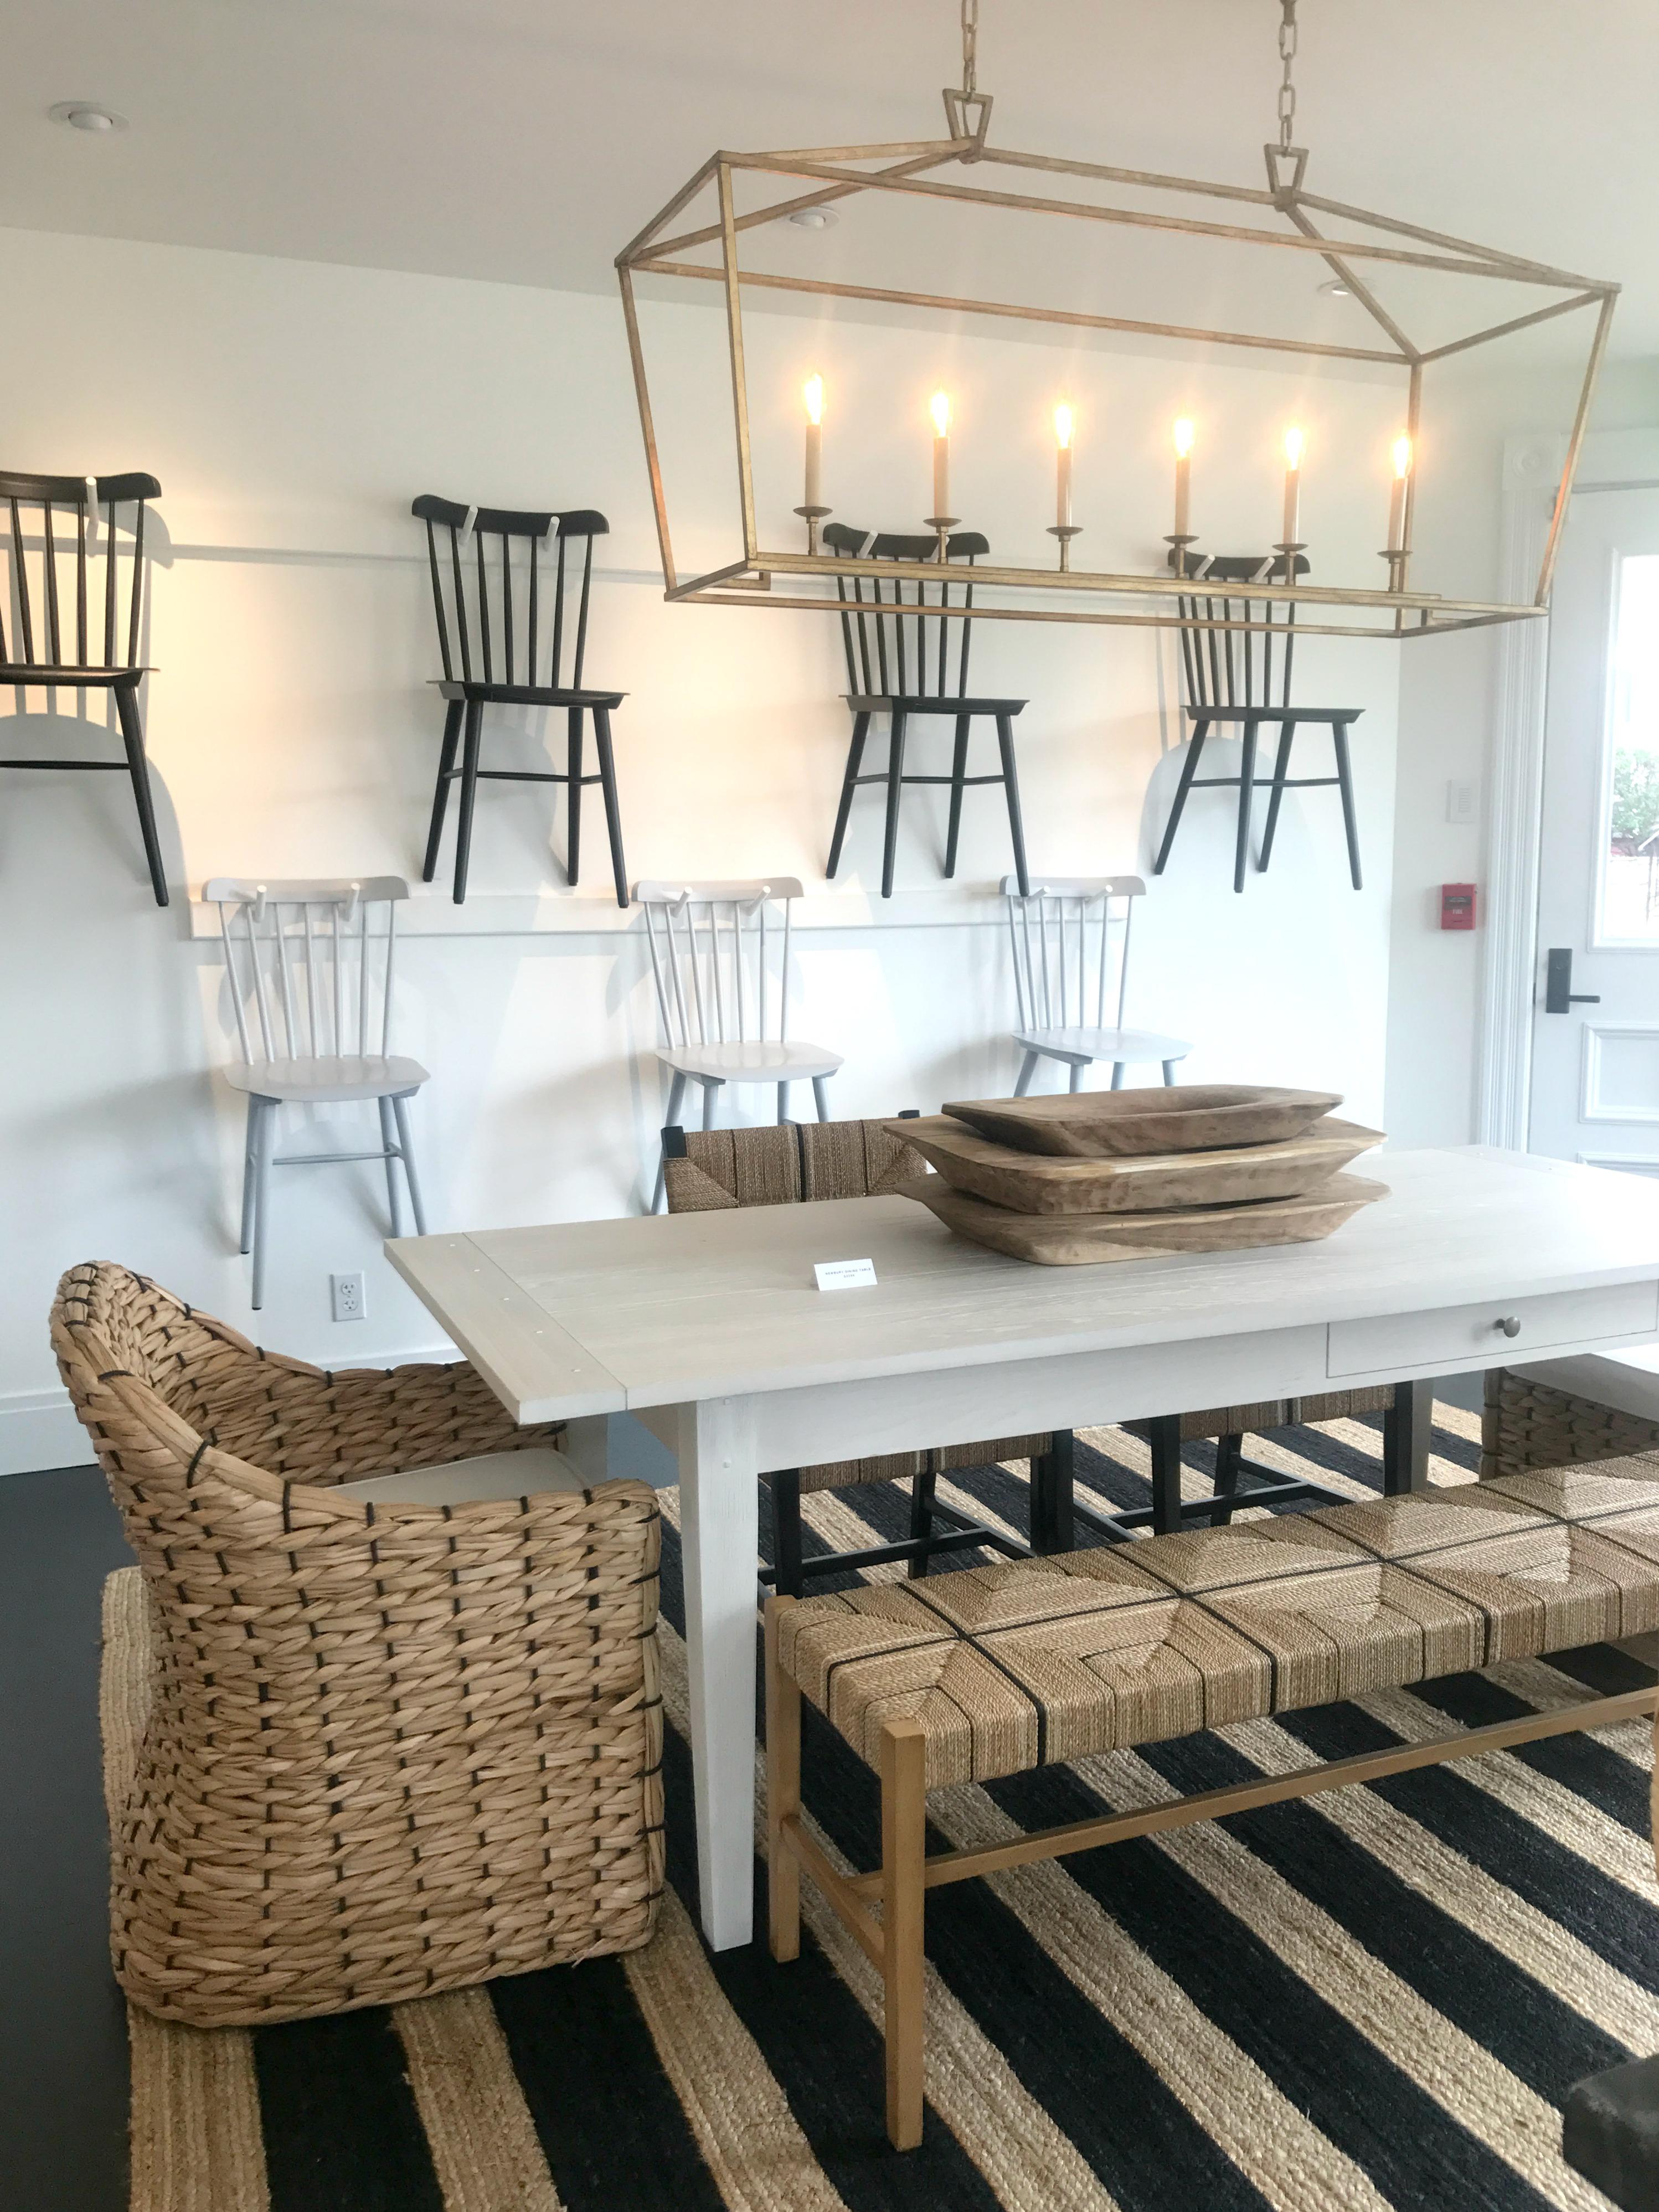 Major Home Decor Inspiration Where I Go For Design Ideas